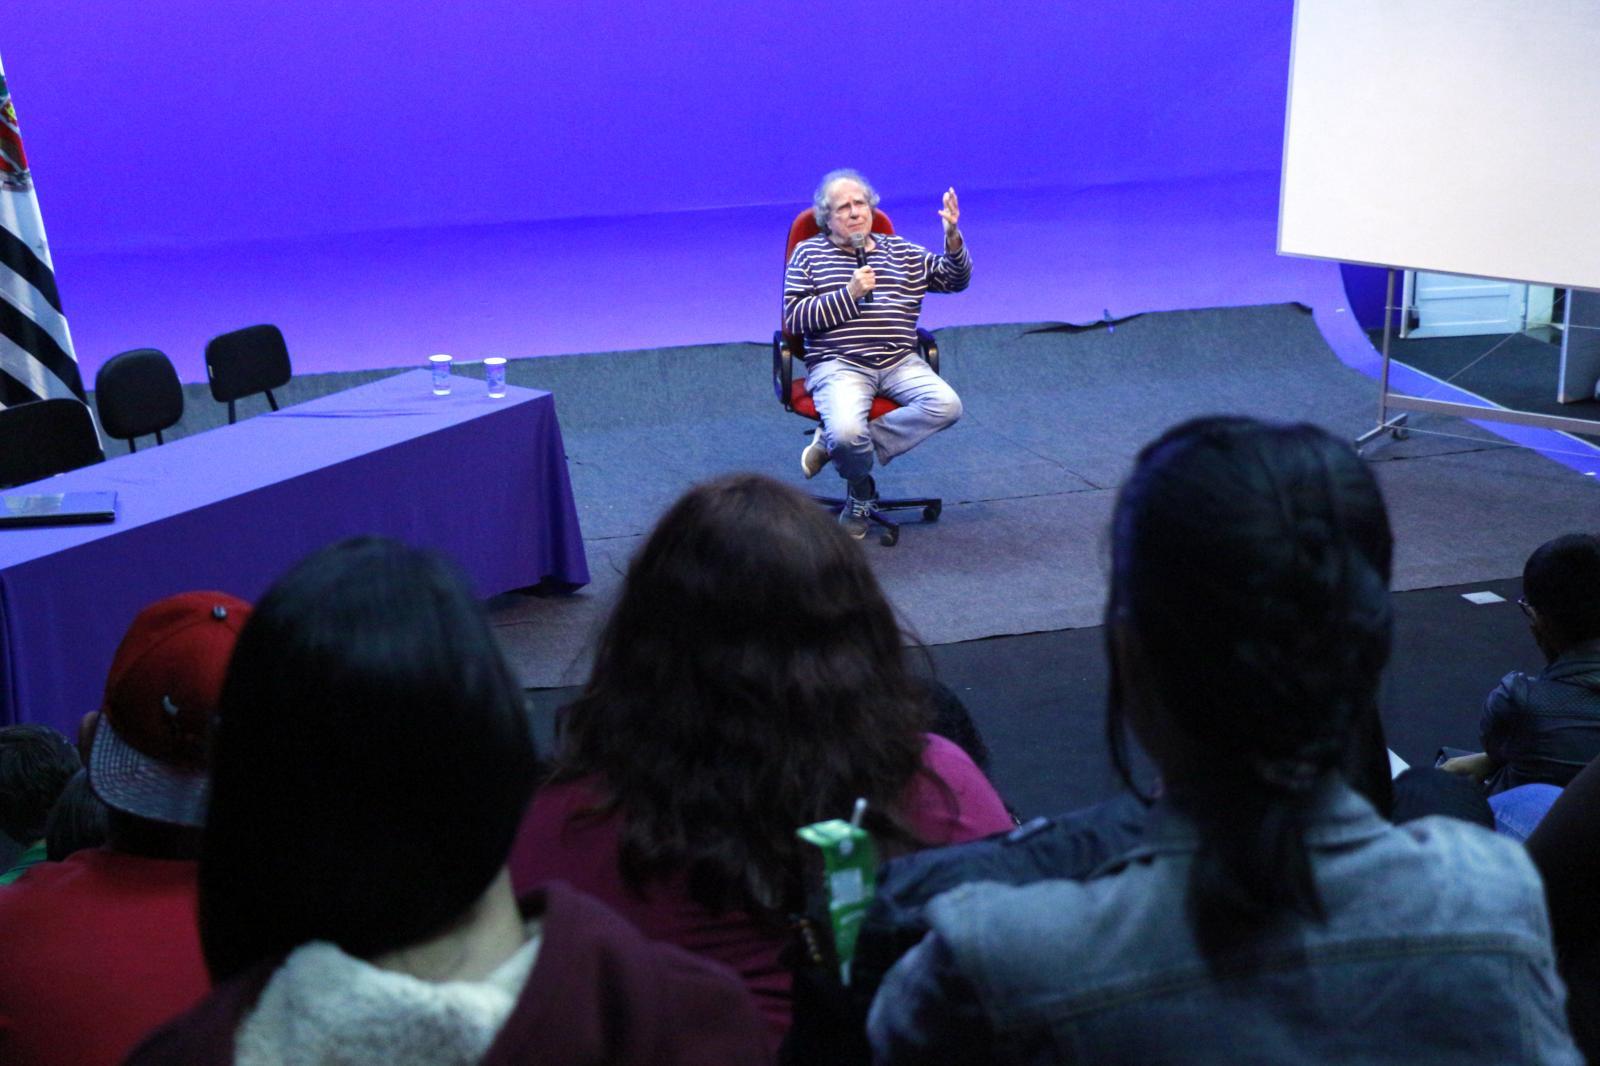 Semana Acadêmica de Jornalismo debateu cultura, novas tecnologias e o dia-a-dia da profissão